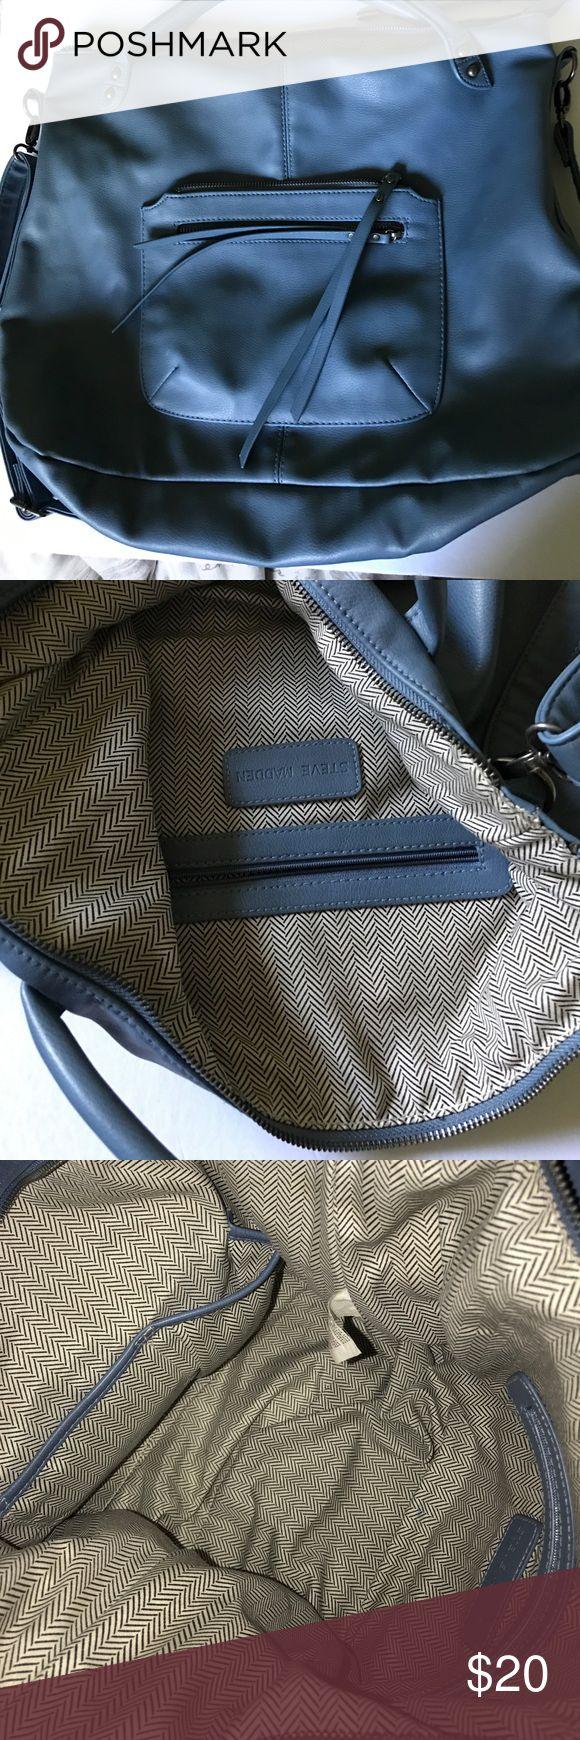 Steve Madden Handbag Blue Steve Madden handbag with strap. Steve Madden Bags Shoulder Bags